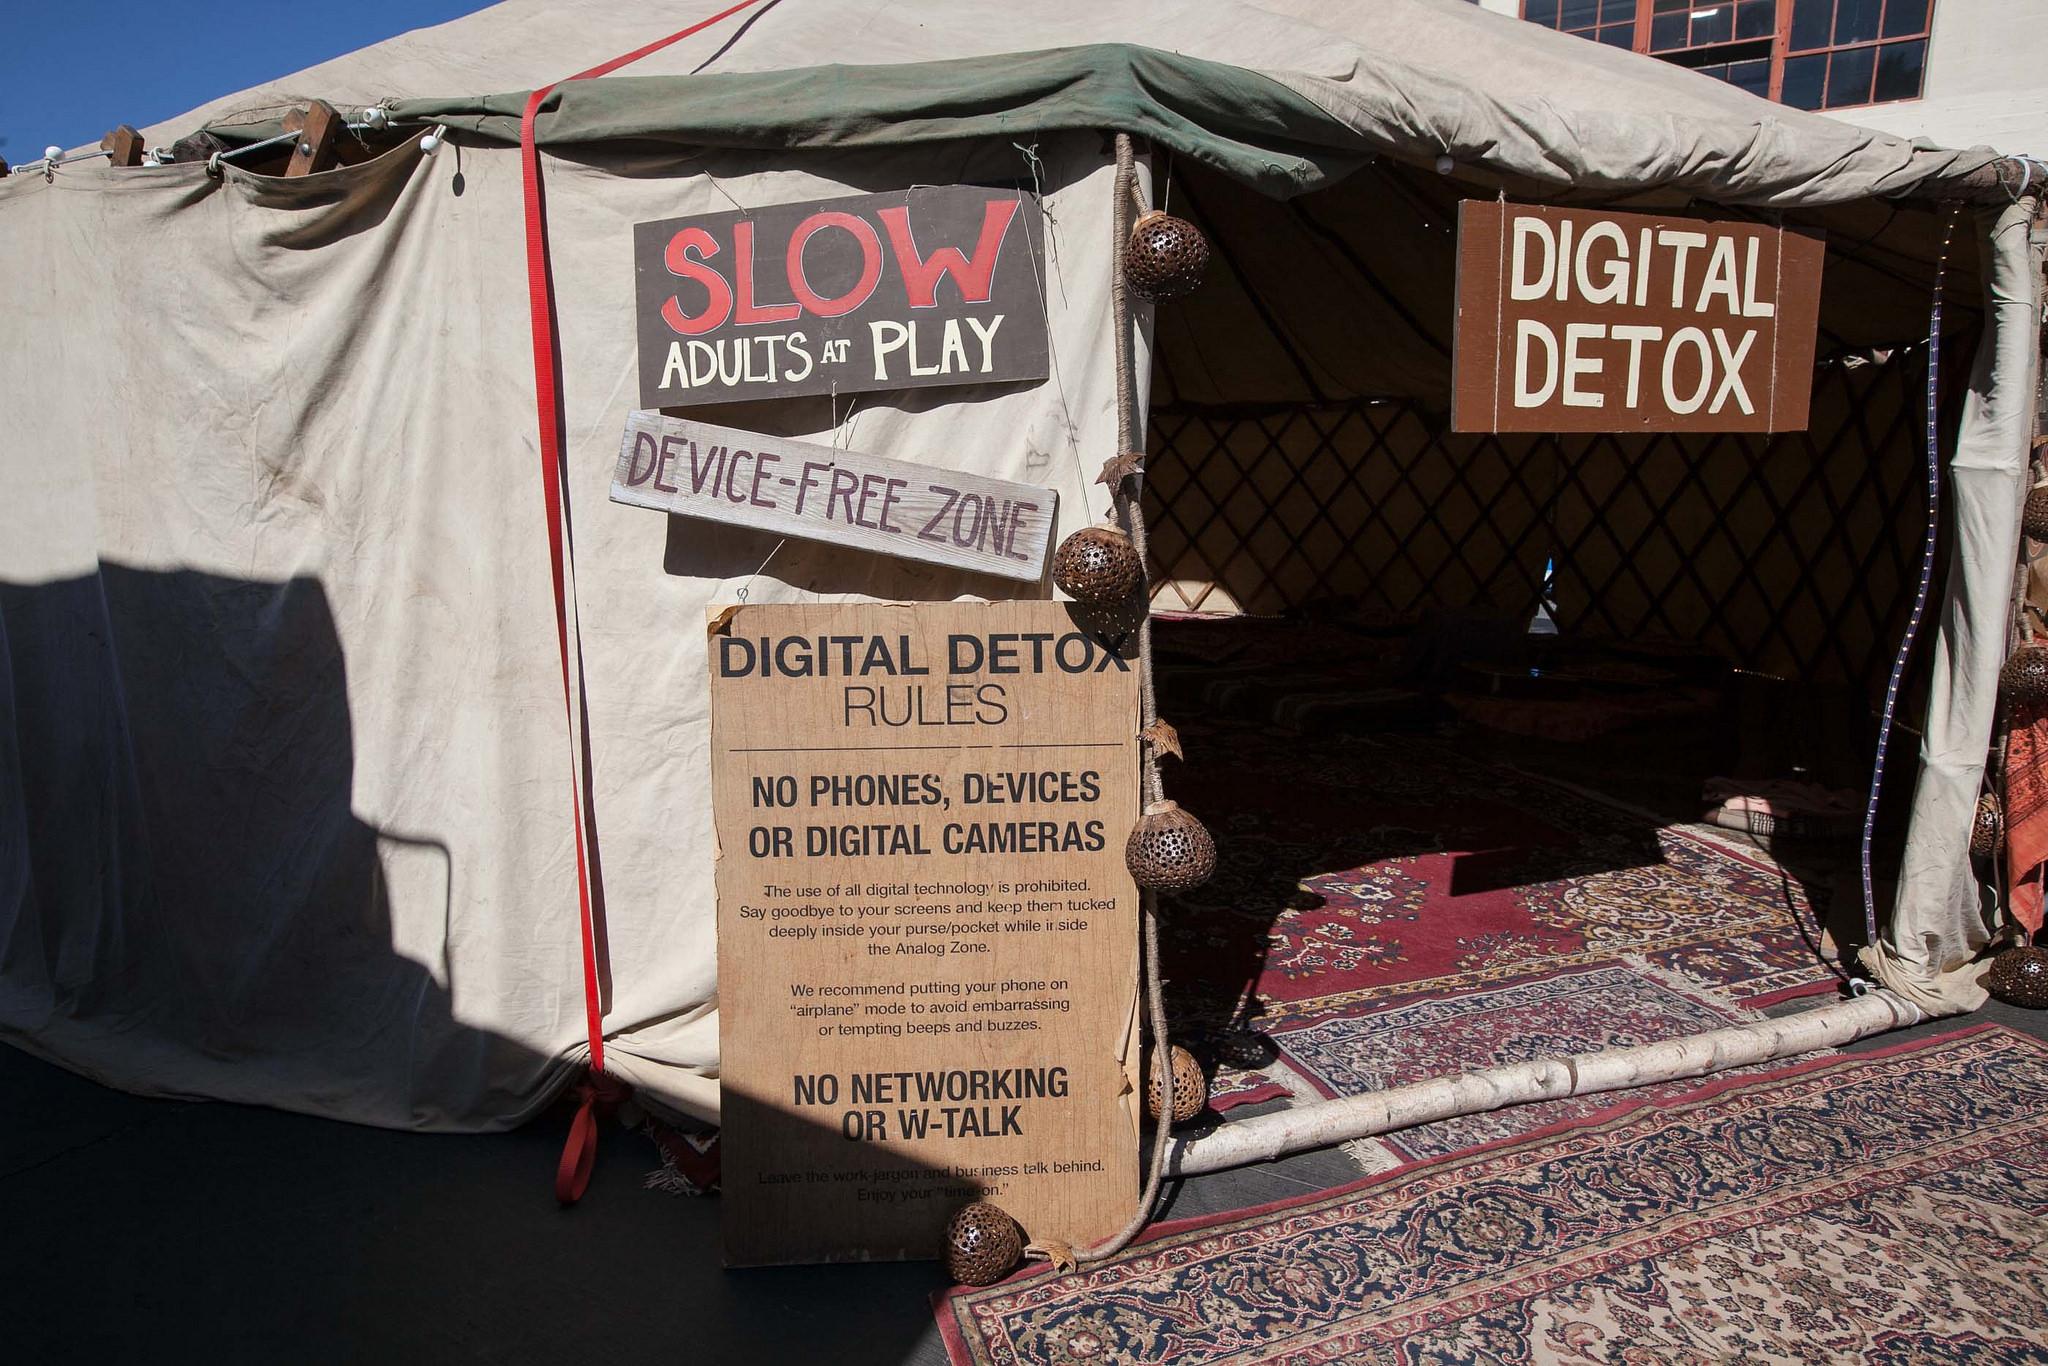 «Digital Detox»  by JD Lasica (Flickr)